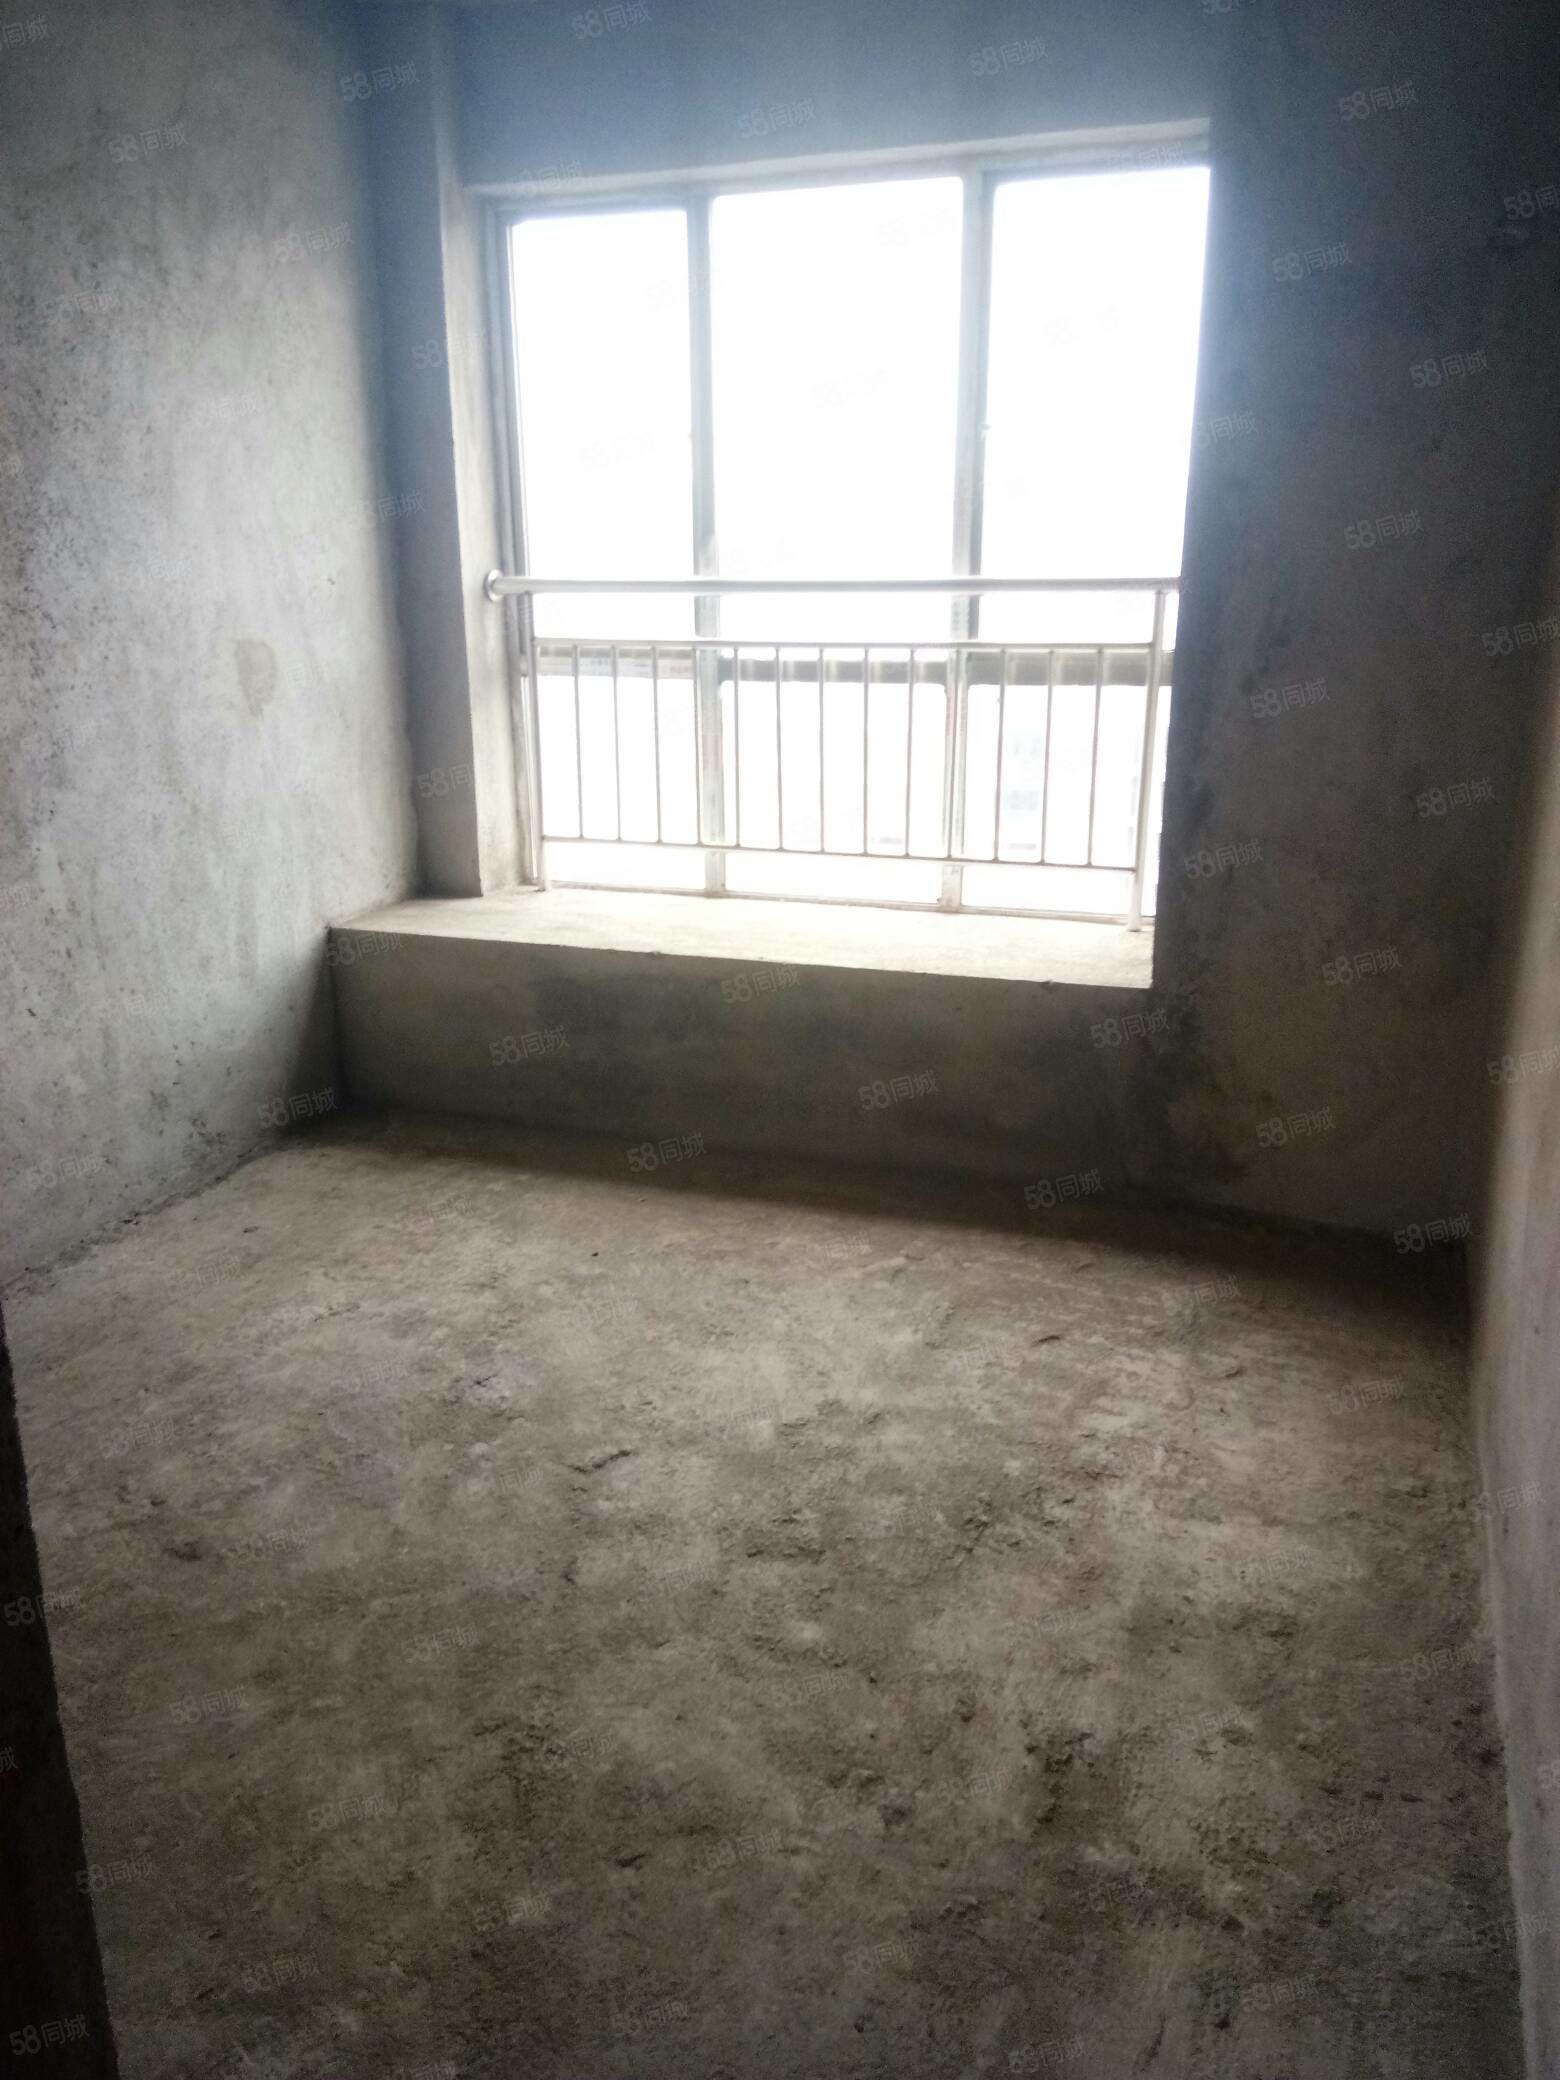 桃江龙城三房两厅,南北通透,户型方正采光通风都很好